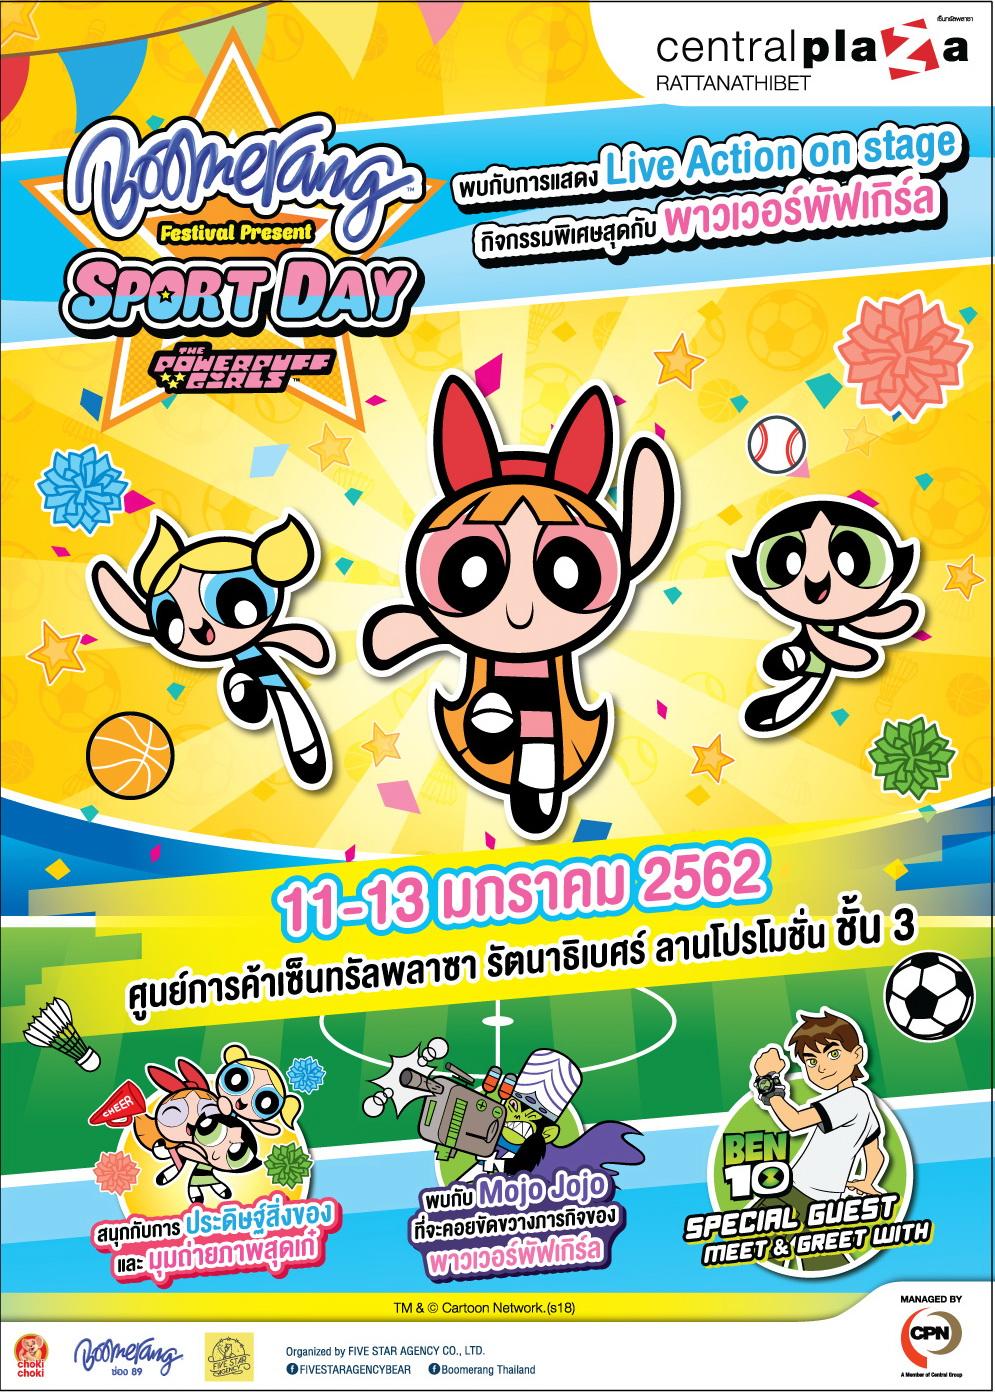 """""""บูมเมอแรง"""" ชวนคุณหนูๆ ร่วมสนุกกับกิจกรรมฉลองวันเด็ก กับ 3 สาว พาวเวอร์พัฟฟ์ เกิลส์ ตอน """"สปอร์ตเดย์"""" ครั้งแรกในเมืองไทย 13 -"""